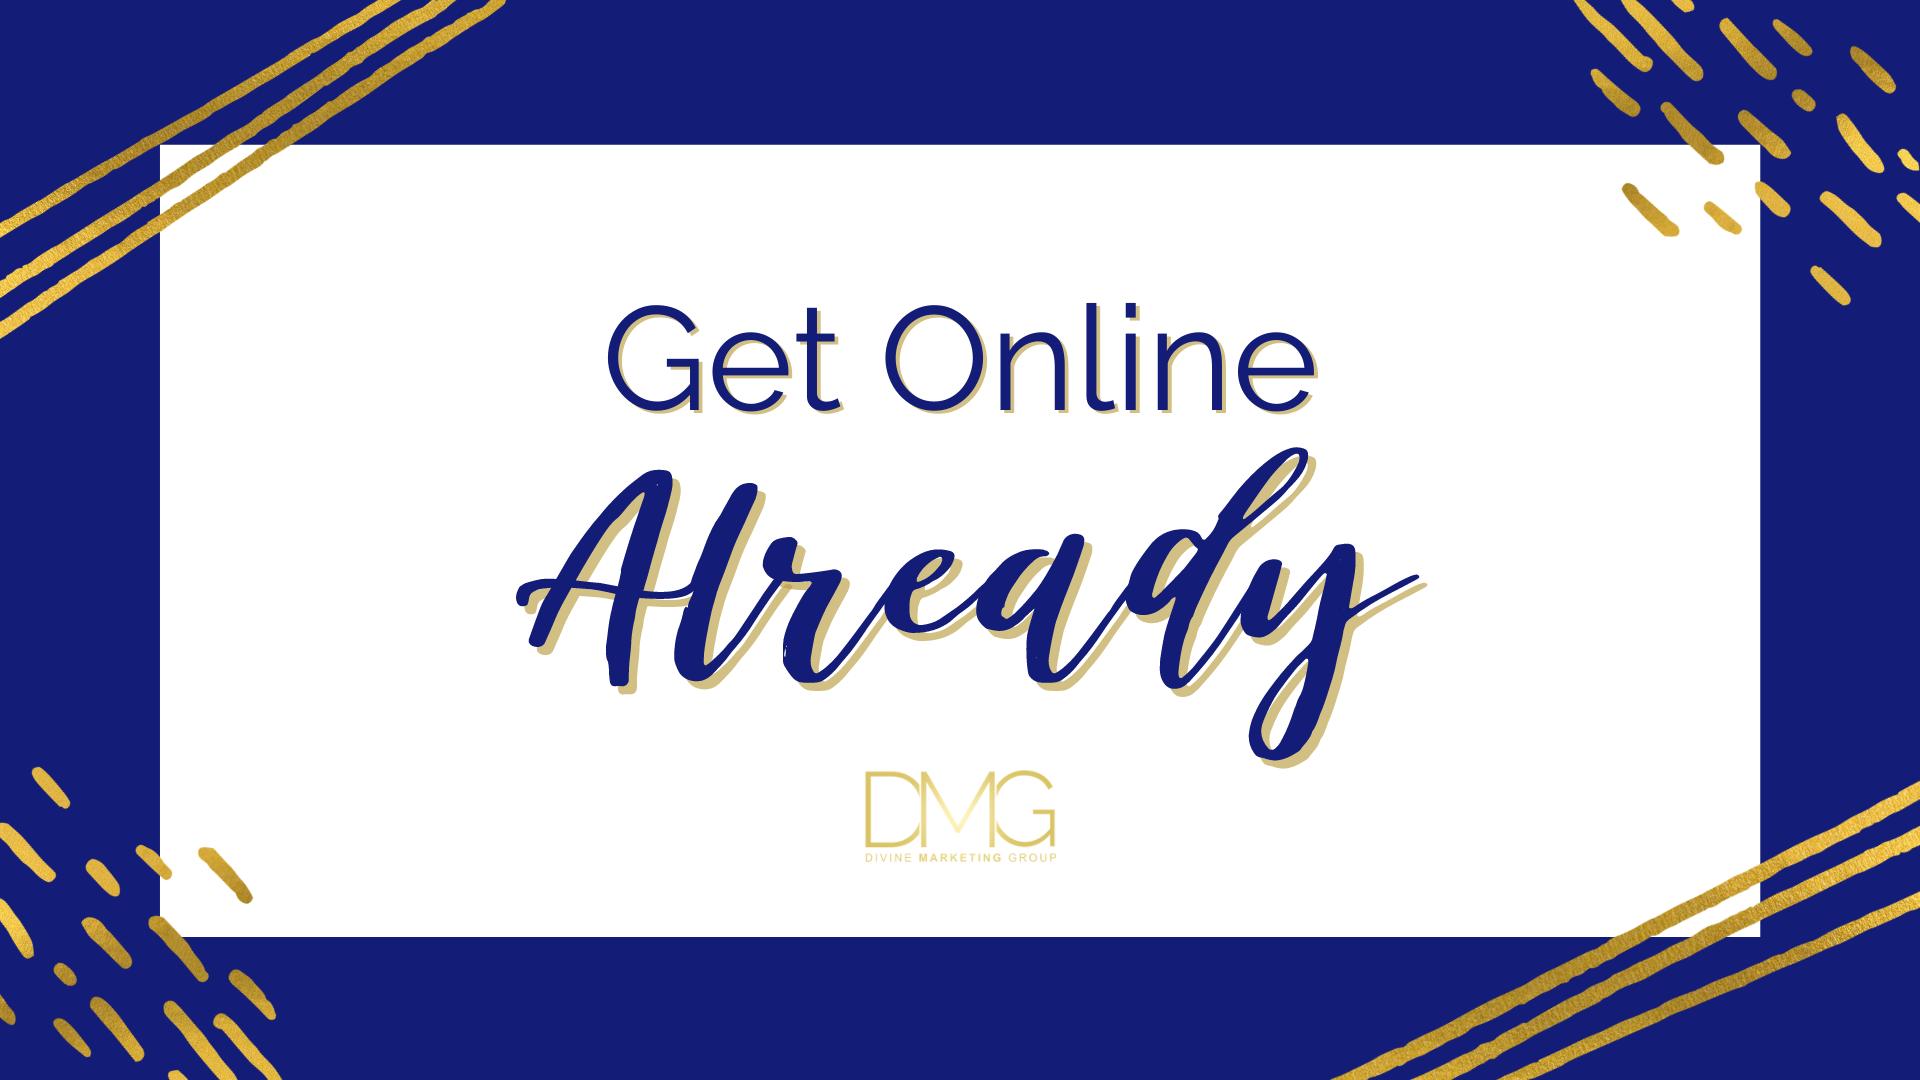 Marketing Tip 3 - Get Online Already